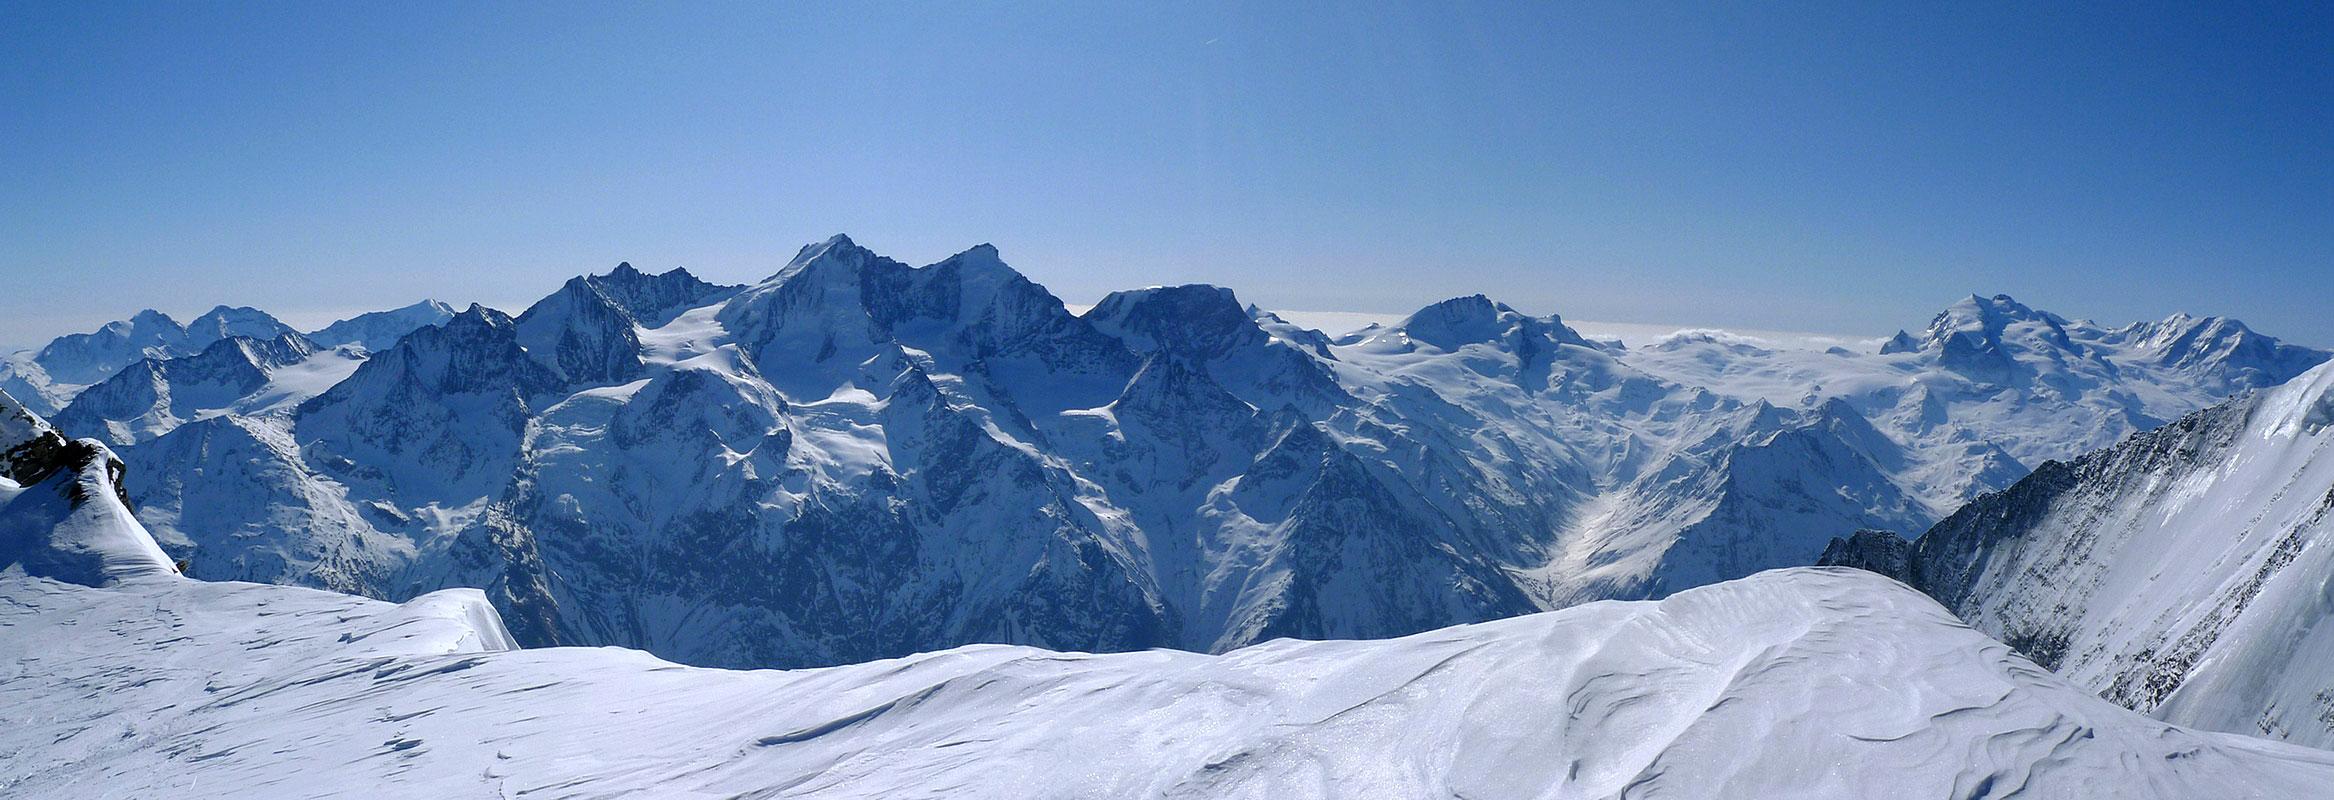 Bishorn Walliser Alpen / Alpes valaisannes Switzerland panorama 50